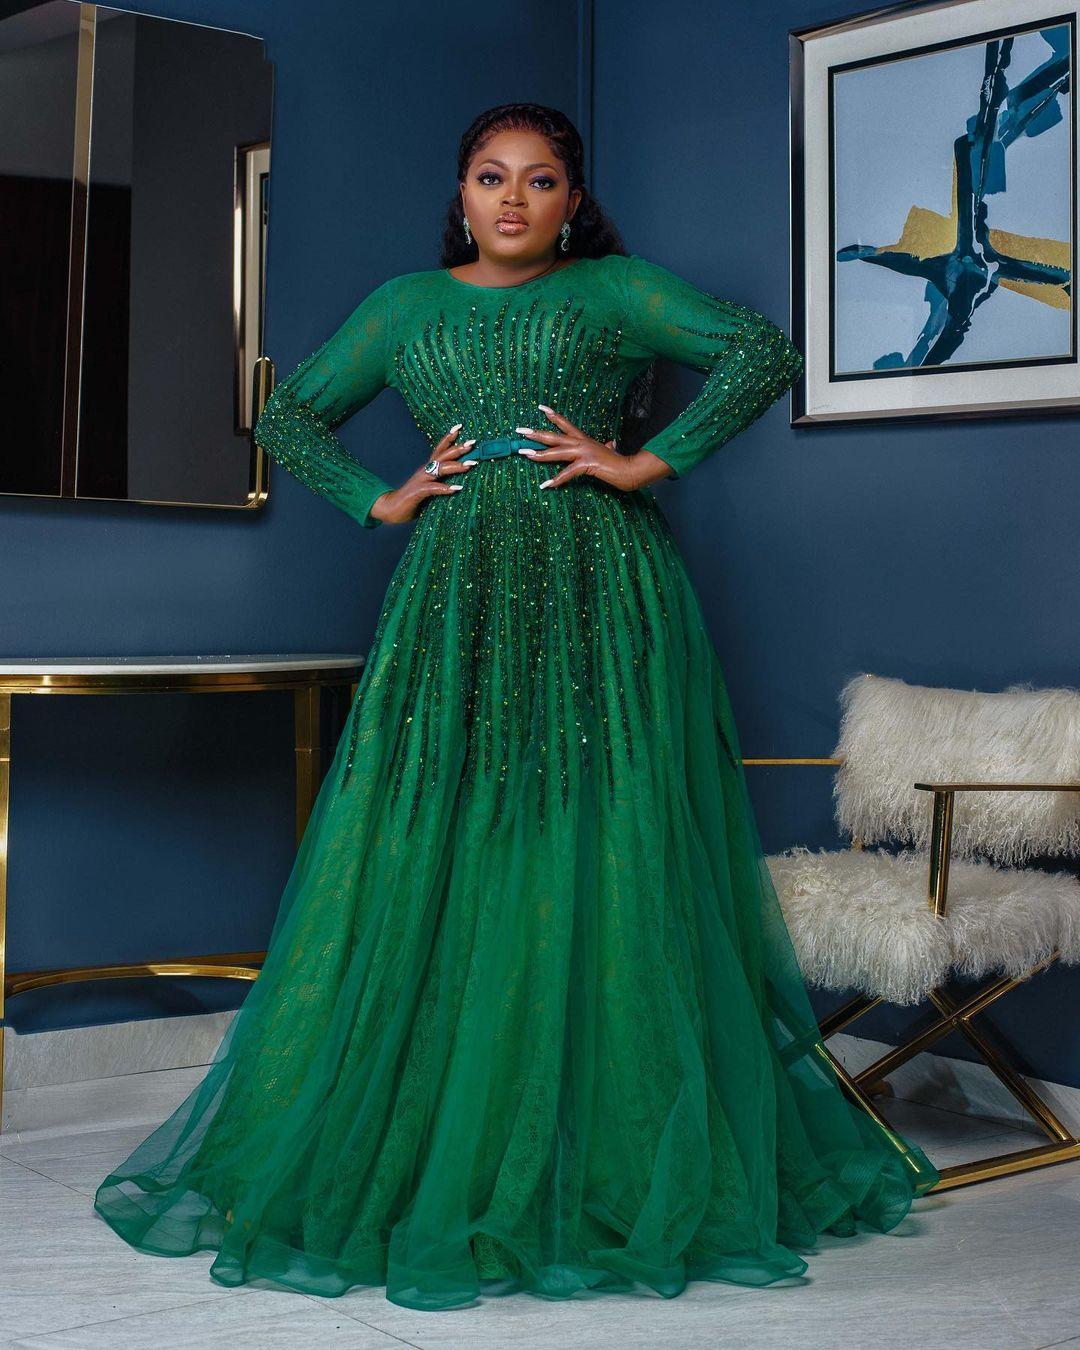 JJC Skillz Funke Akindele Hot Classy Wife